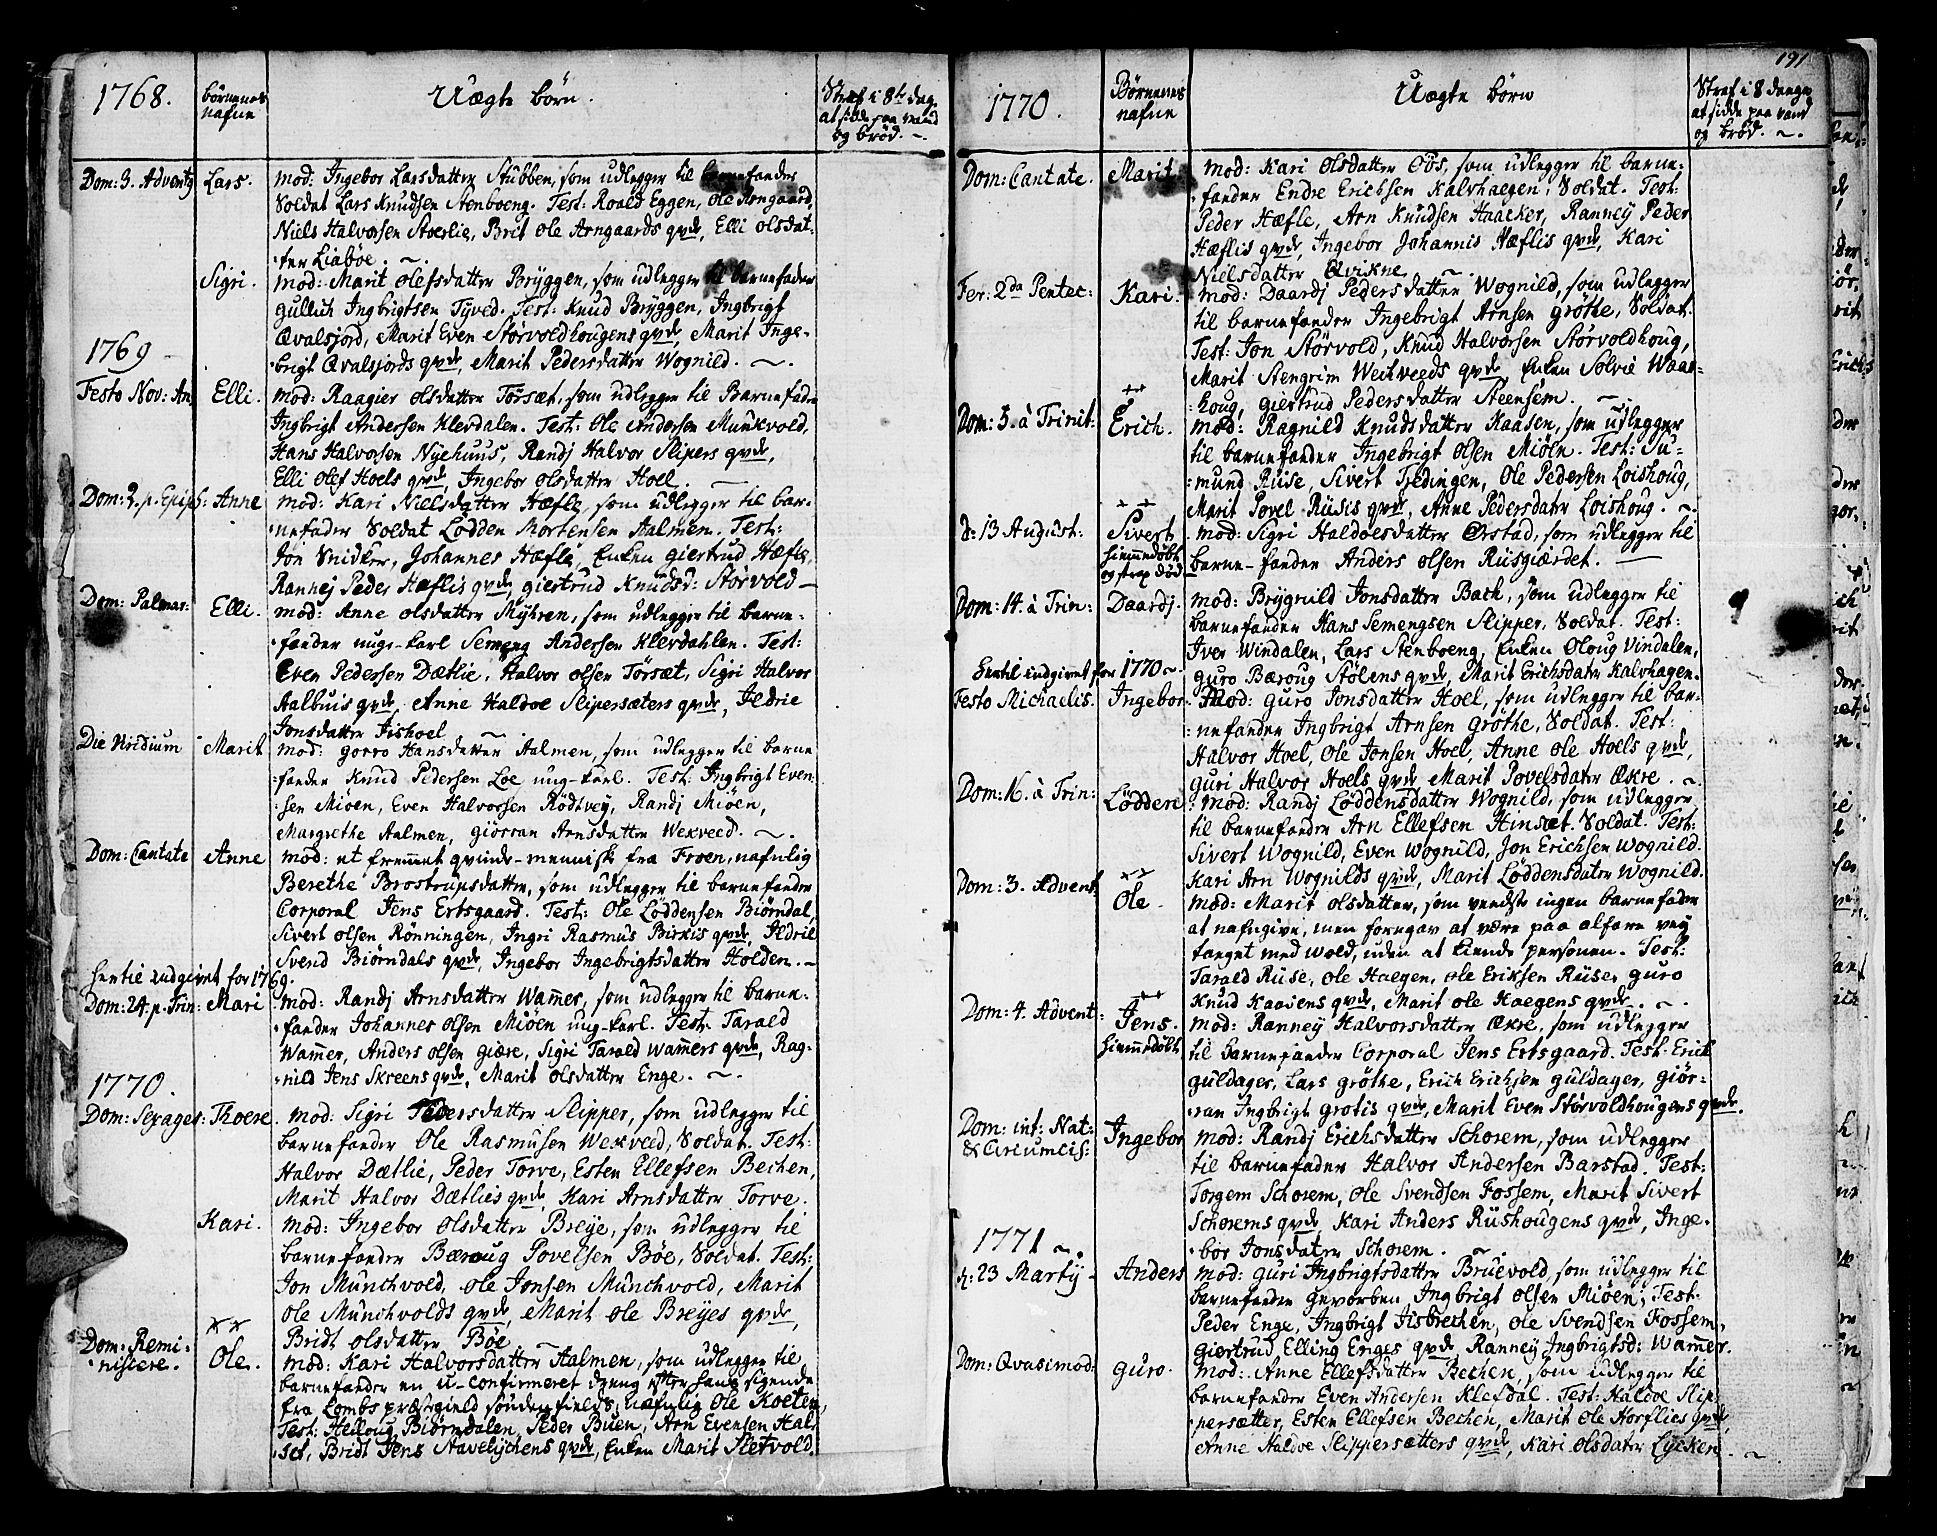 SAT, Ministerialprotokoller, klokkerbøker og fødselsregistre - Sør-Trøndelag, 678/L0891: Ministerialbok nr. 678A01, 1739-1780, s. 191a